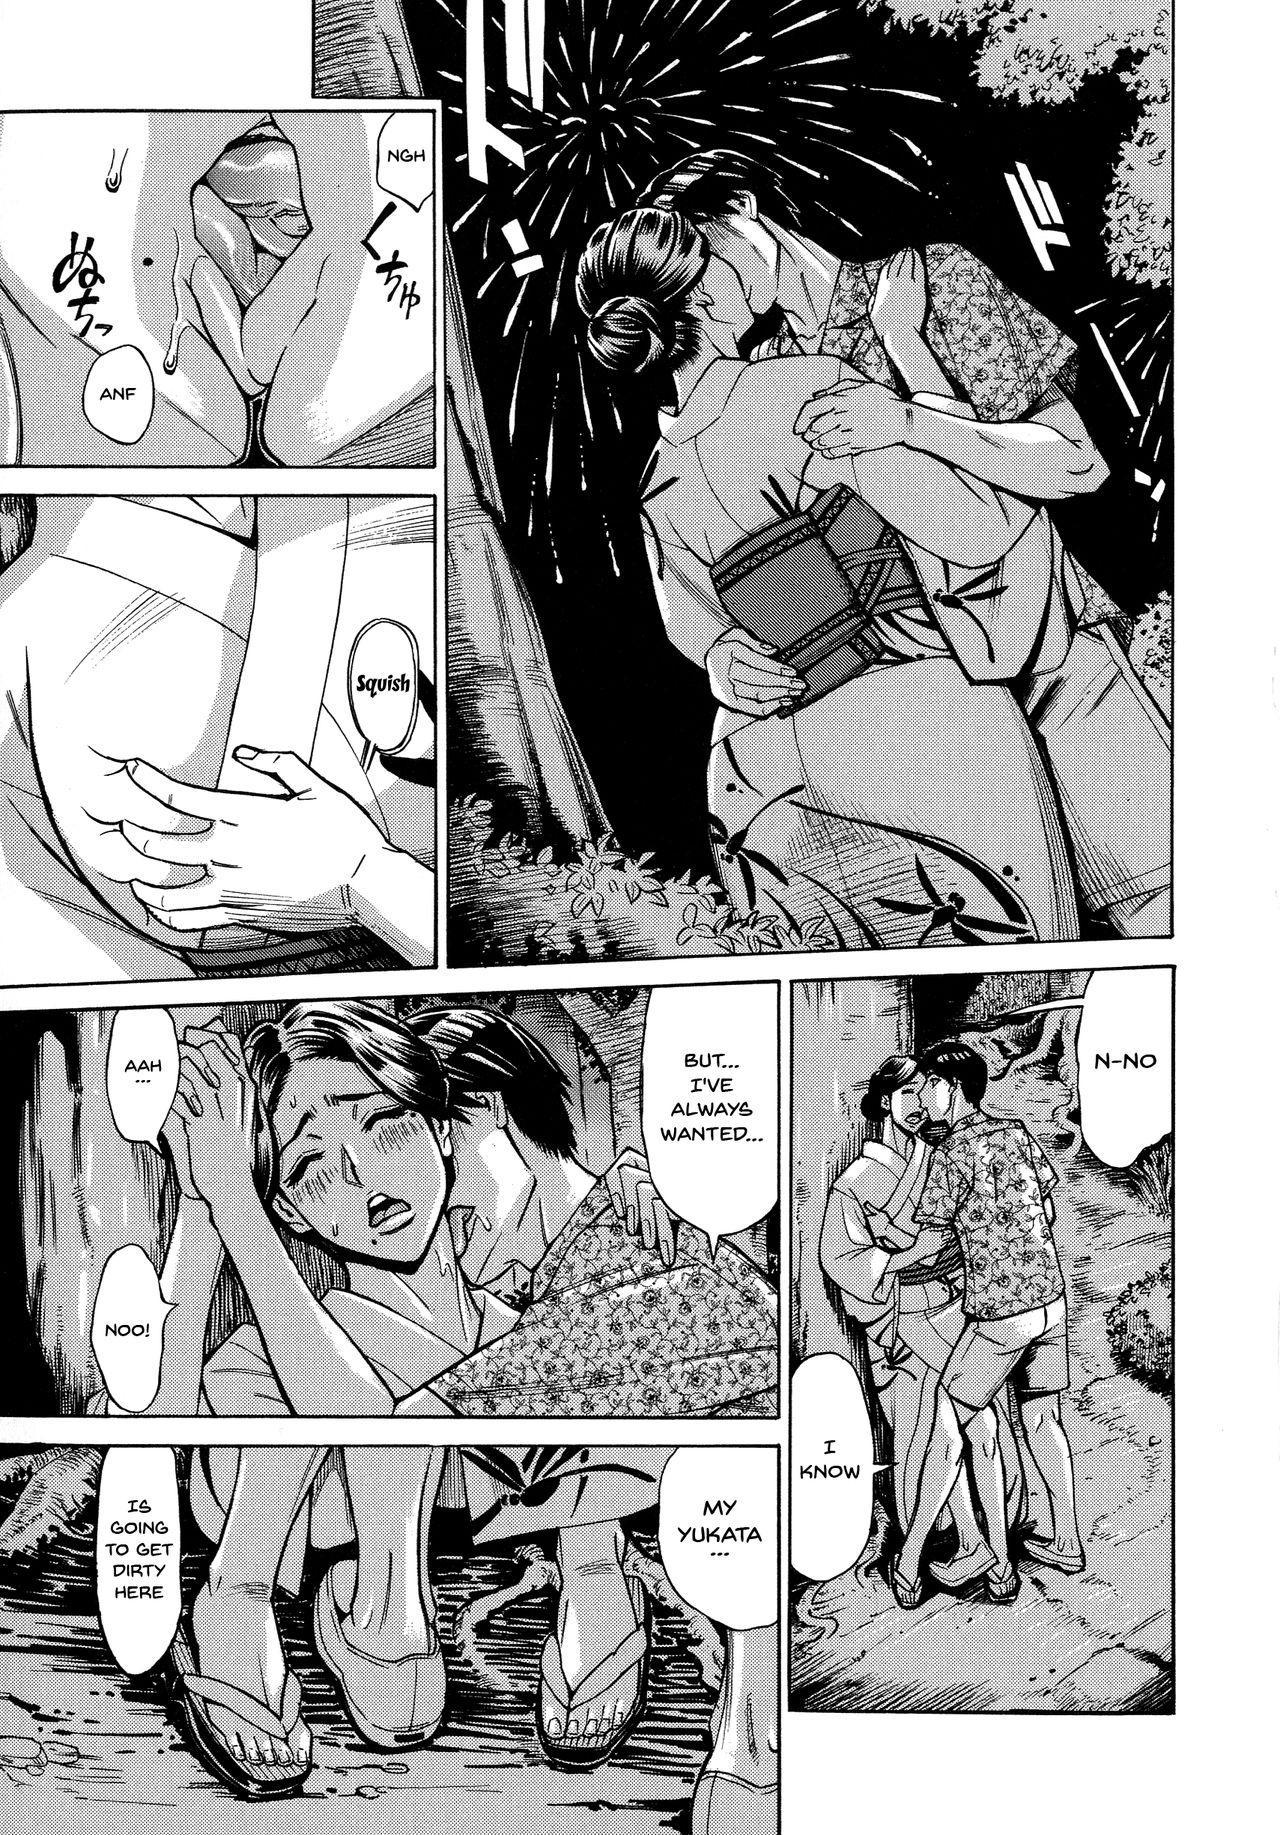 [Makibe Kataru] Hitozuma Koi Hanabi ~Hajimete no Furin ga 3P ni Itaru made~ Ch.1-9 [English] {Doujins.com} 13